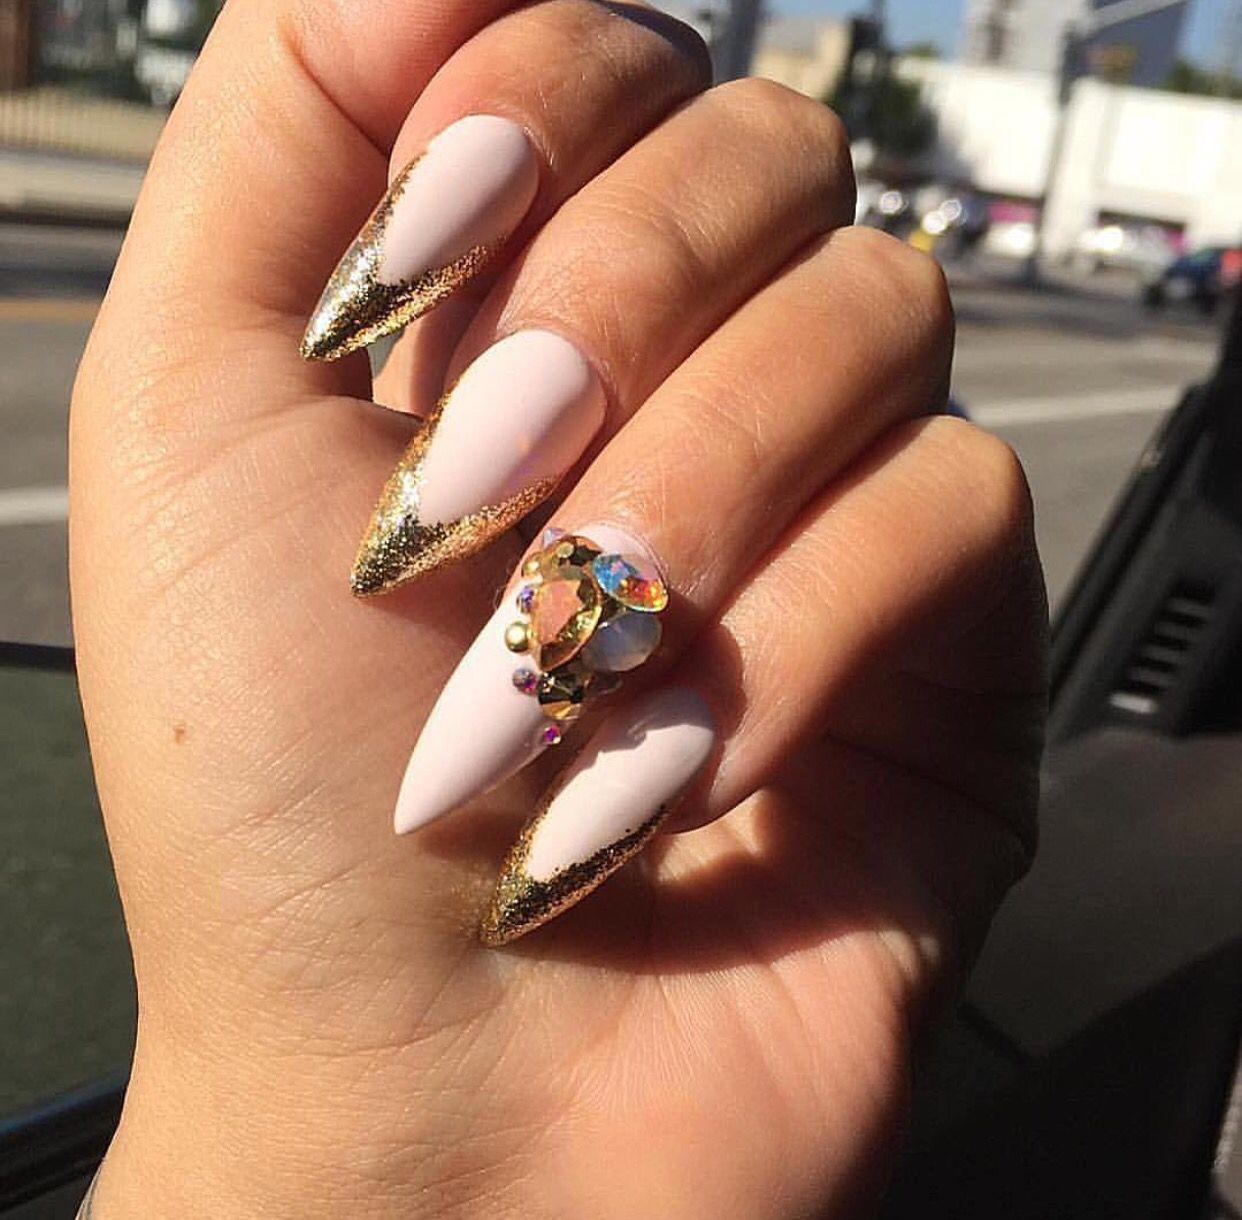 Pin van Els-bonte op Witte Nagels   Pinterest - Witte nagels en Nagel